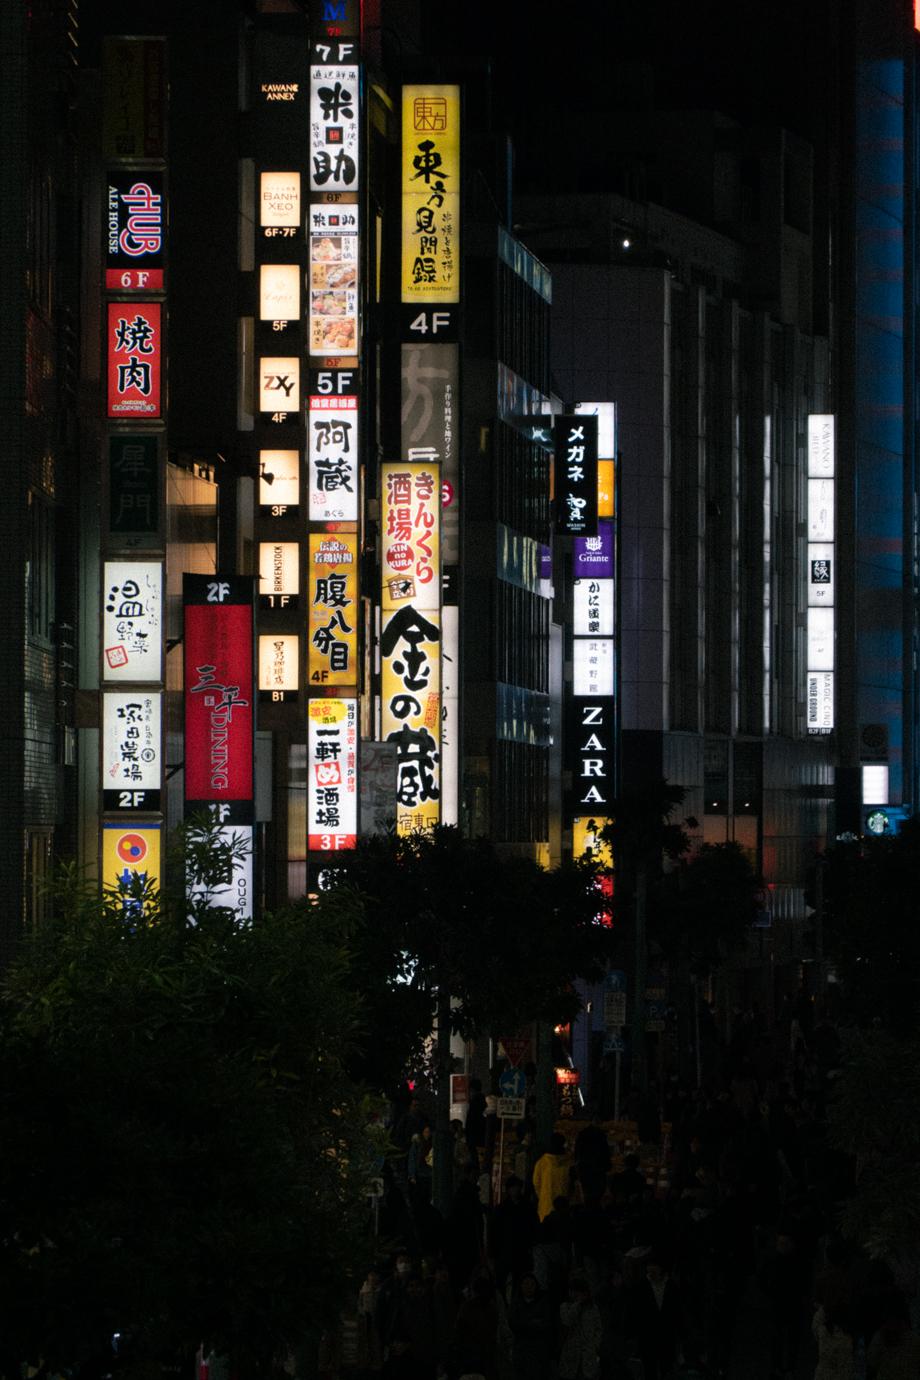 新宿にあるたくさんの看板